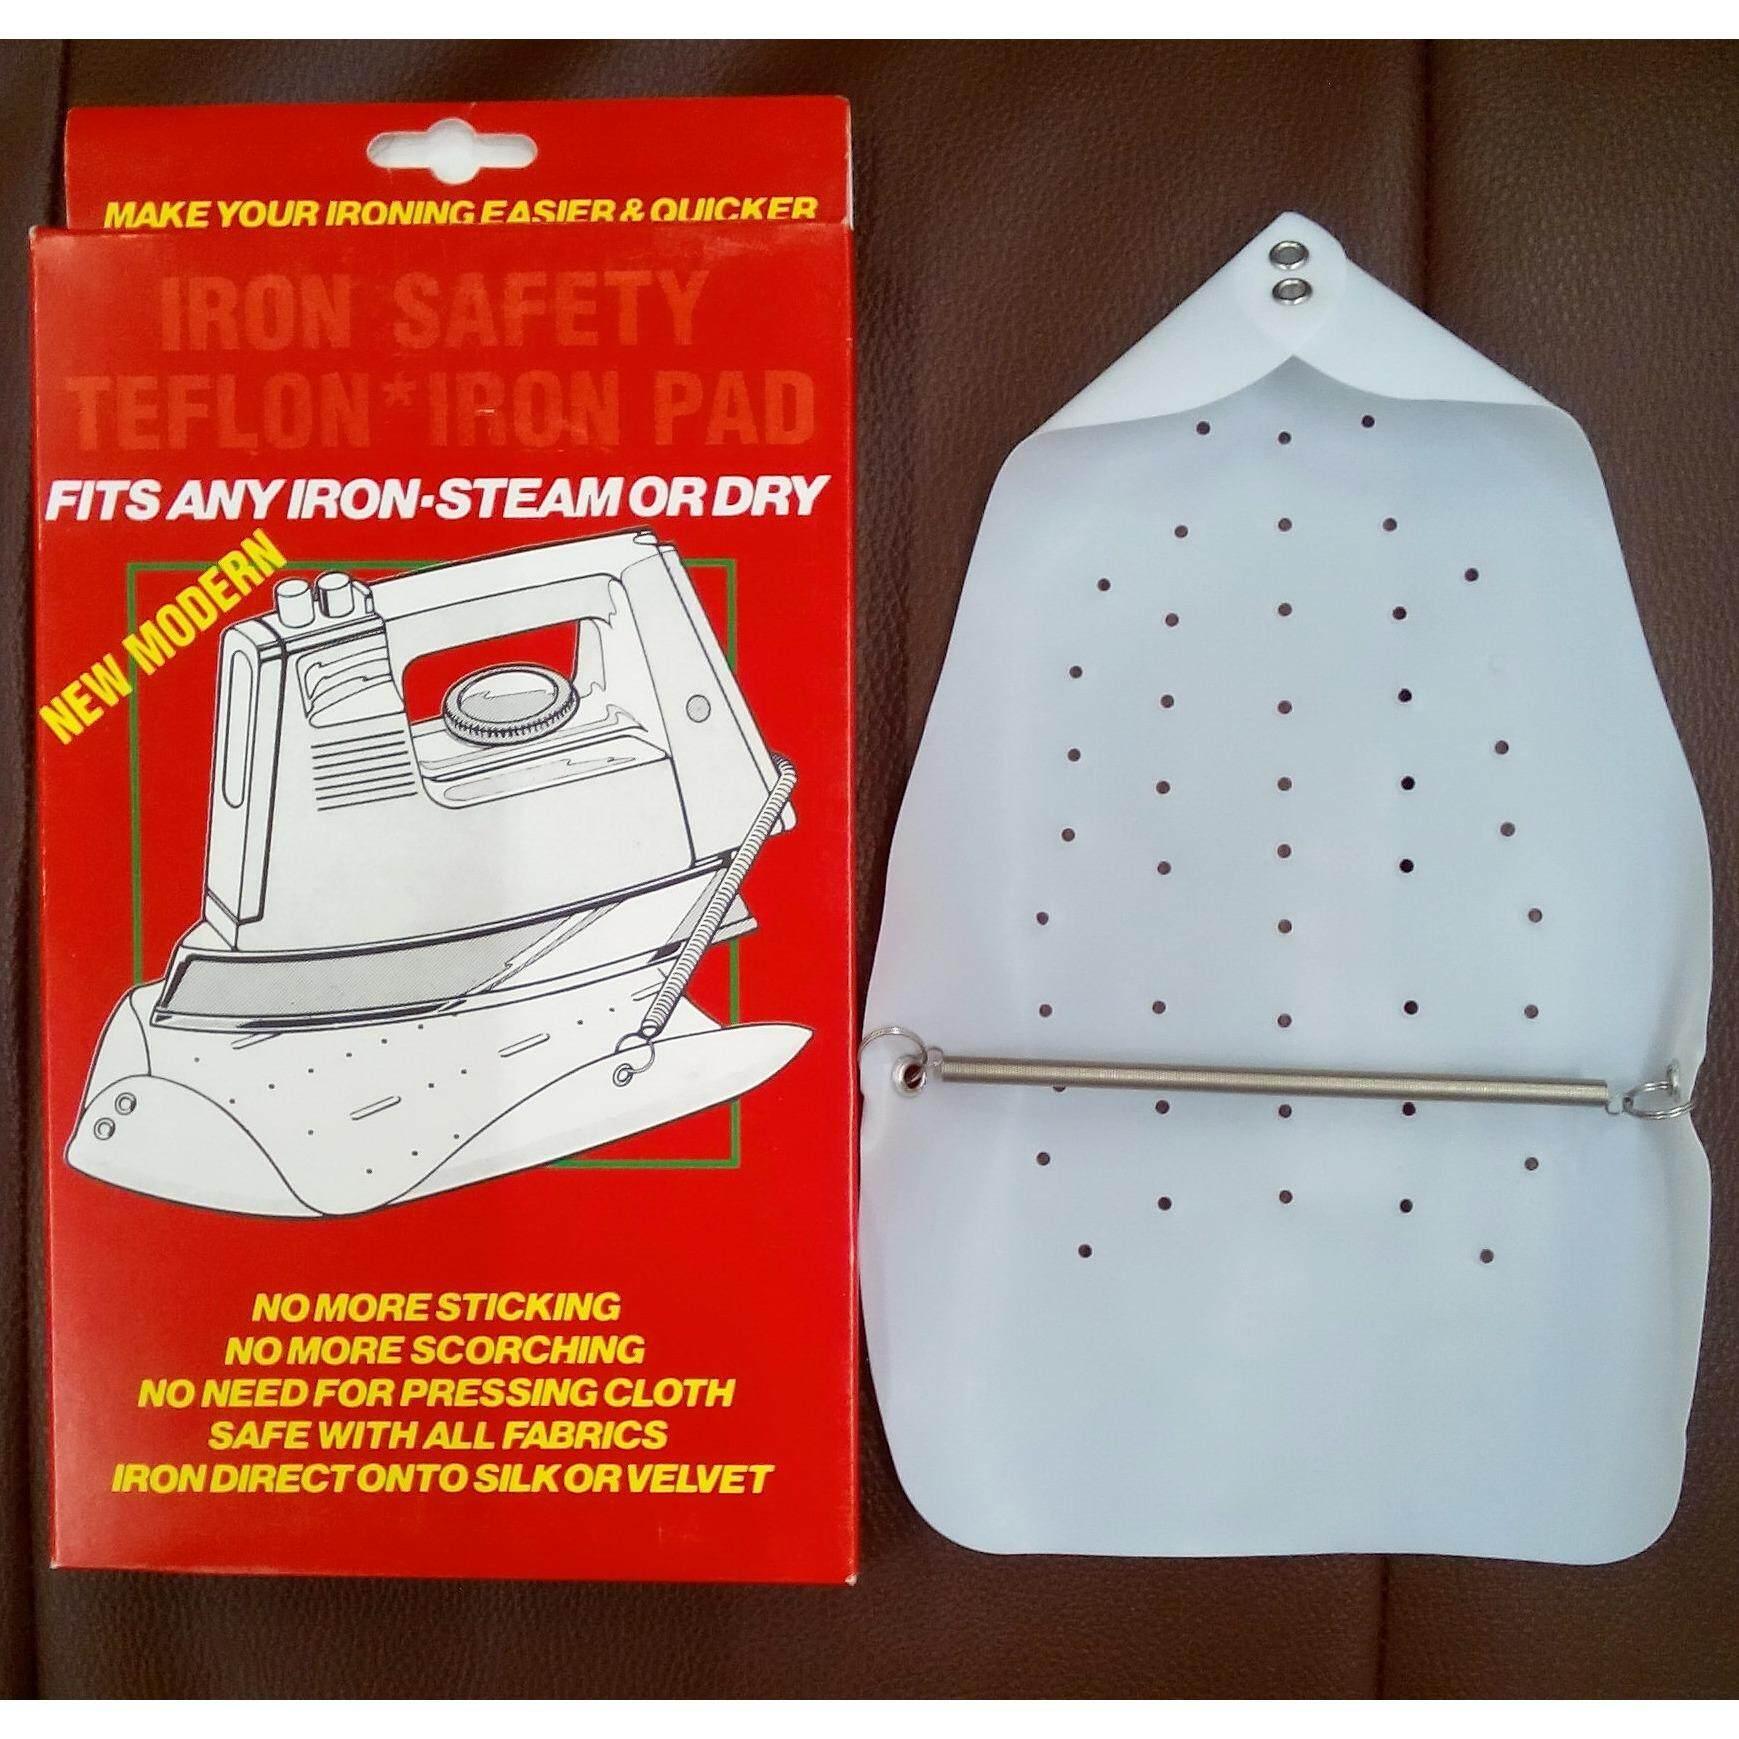 แผ่นรองเตารีด IRON SHOEแผ่นรองรีด IRON SAFETY ทำจาก TEFLON คุณภาพดีจากบริษัท DUPONT เยอรมันนี ช่วยเพิ่มและส่งผ่านความร้อนจากเตารีดลงสู่เนื้อผ้าทำให้รีดผ้าได้เรียบและเร็วขึ้น ไม่เกิดเงาสะท้อน ประหยัดเวลา ถนอมเนื้อผ้า รีดง่าย ป้องกันผ้าไหม้ เหลือง ด่าง